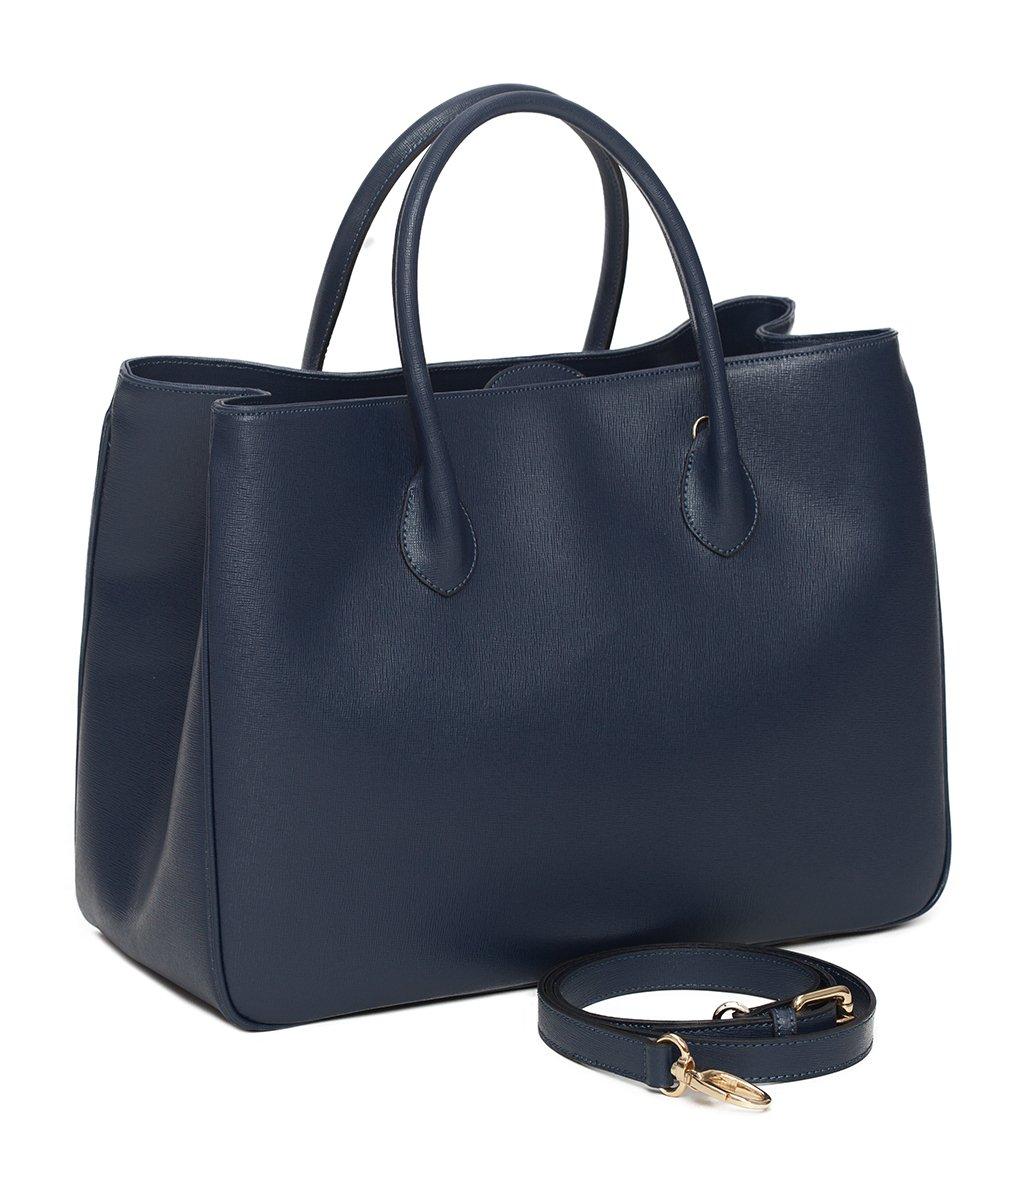 """4342646b245e9 Daybag """"L"""" Damen Handtasche Umhängetasche - Aktentasche Businesstasche Groß  Aus Edlem Leder Handgefertigt In Italien - Mit Toller Innenaufteilung  Elegant ..."""